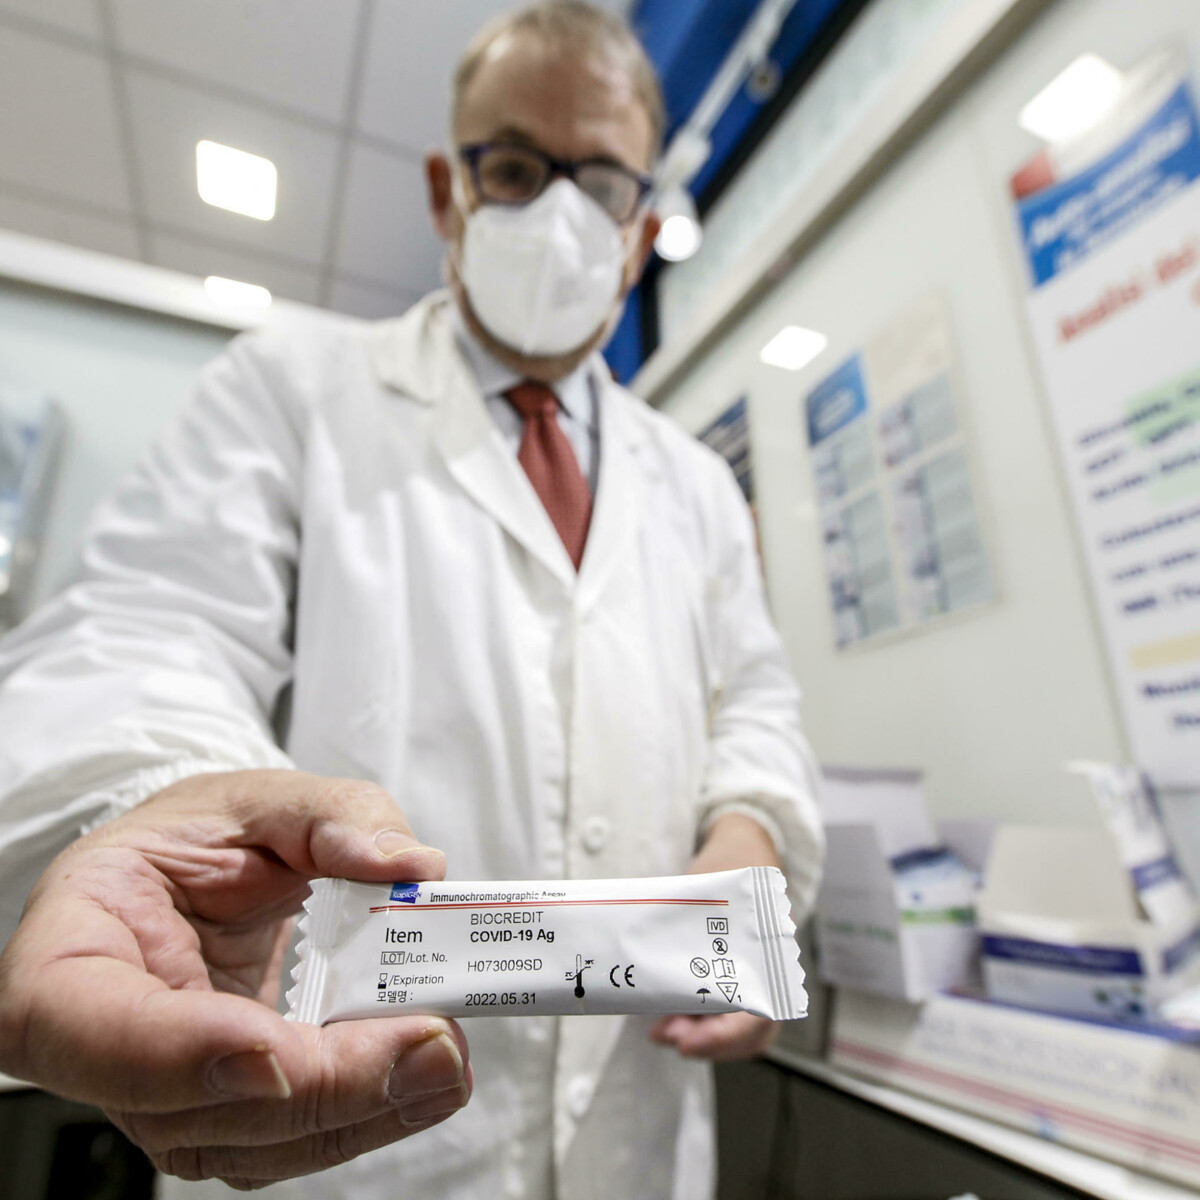 Itamponirapidiarrivano in farmacia: quanto costeranno